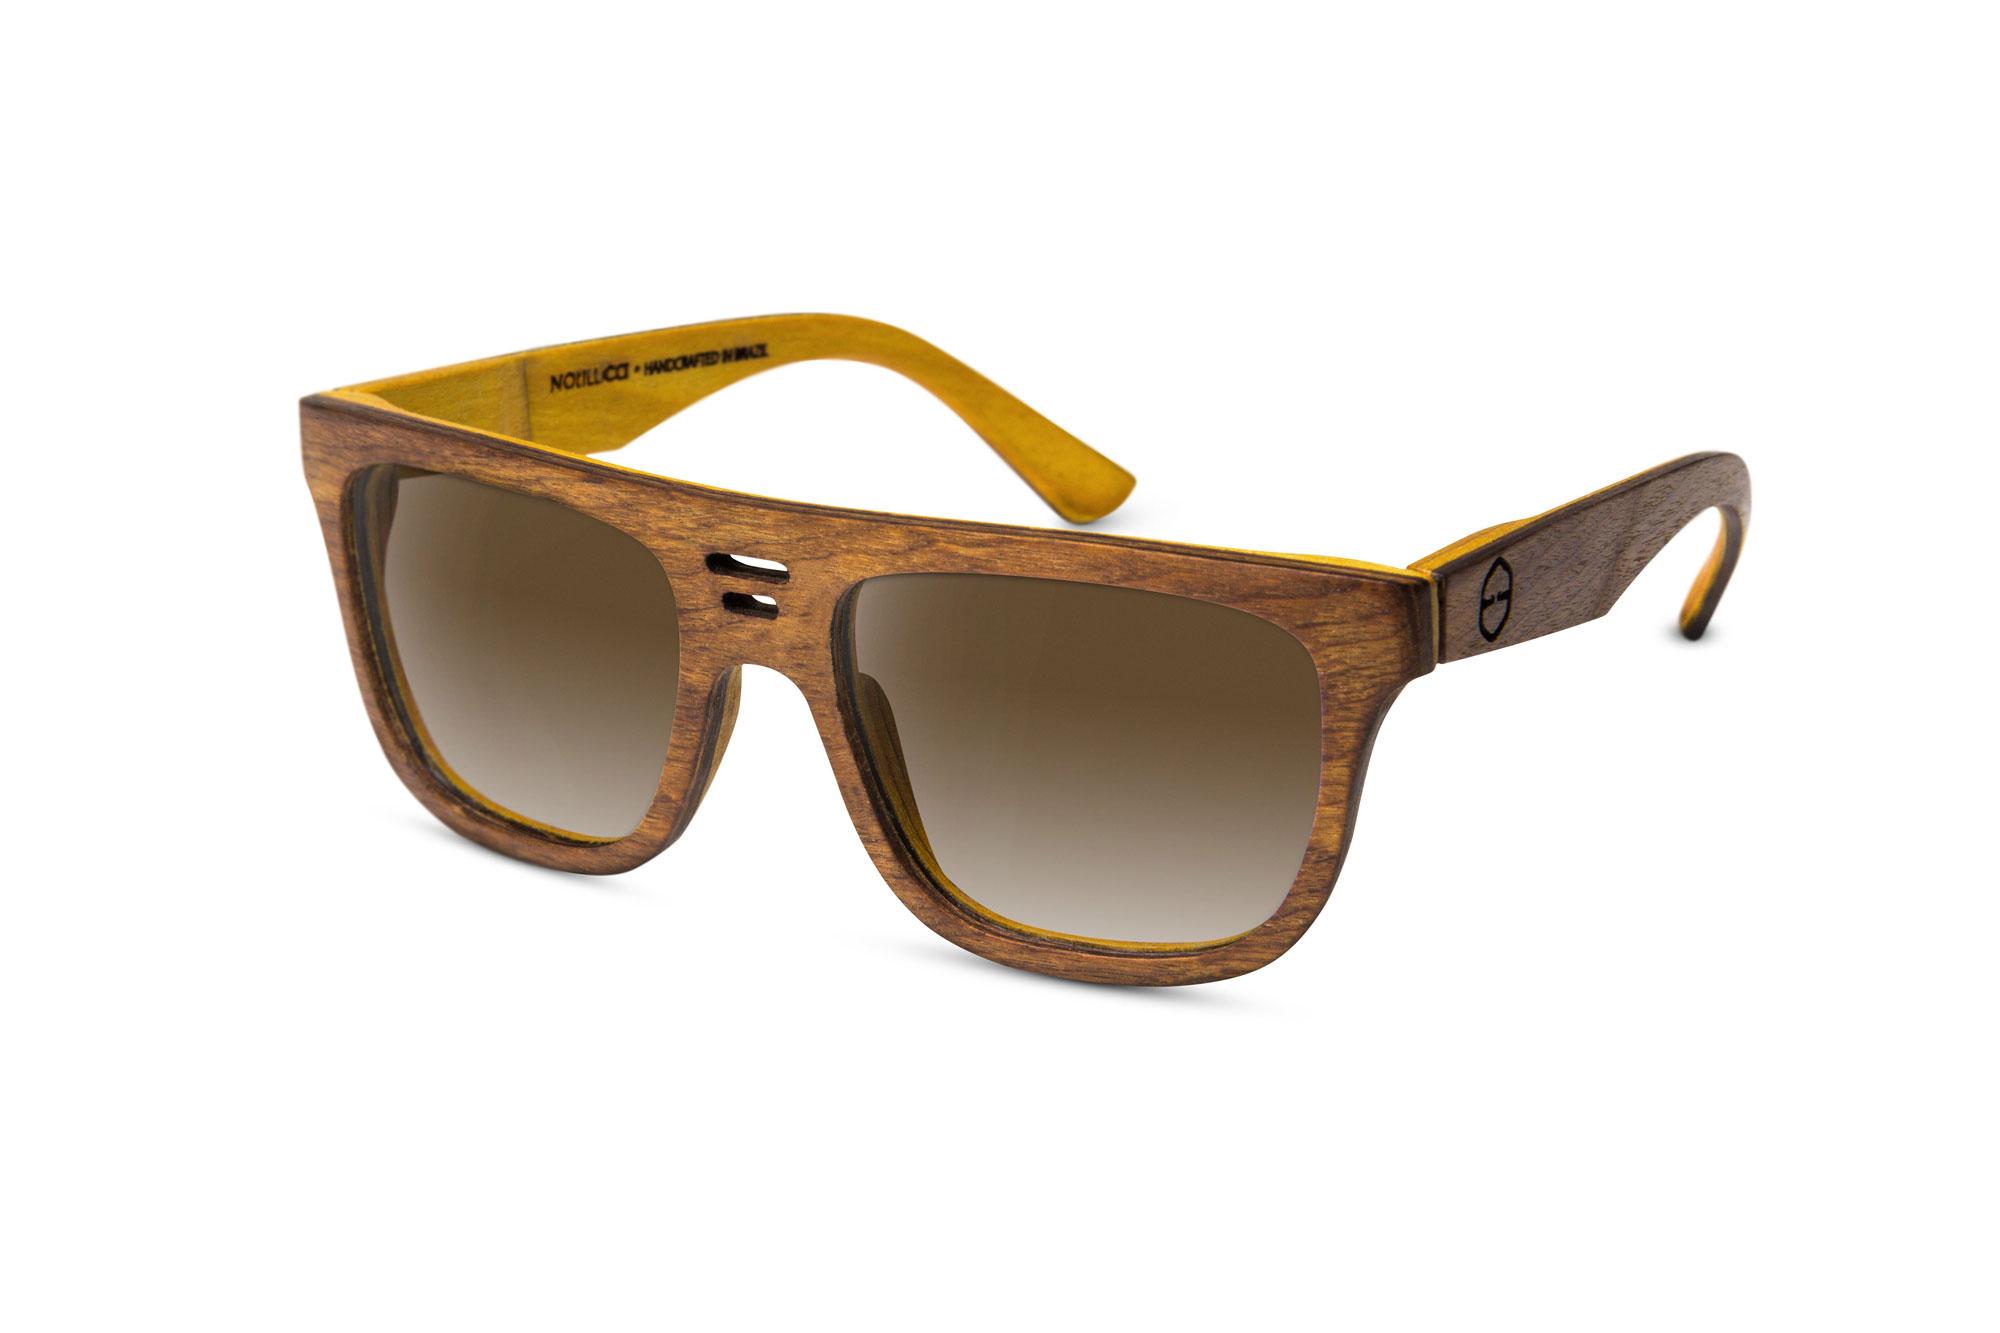 891092615 Galeria de Fotos Notiluca apresenta dois novos modelos de óculos para o  verão // Foto 3 // Notícias // FFW